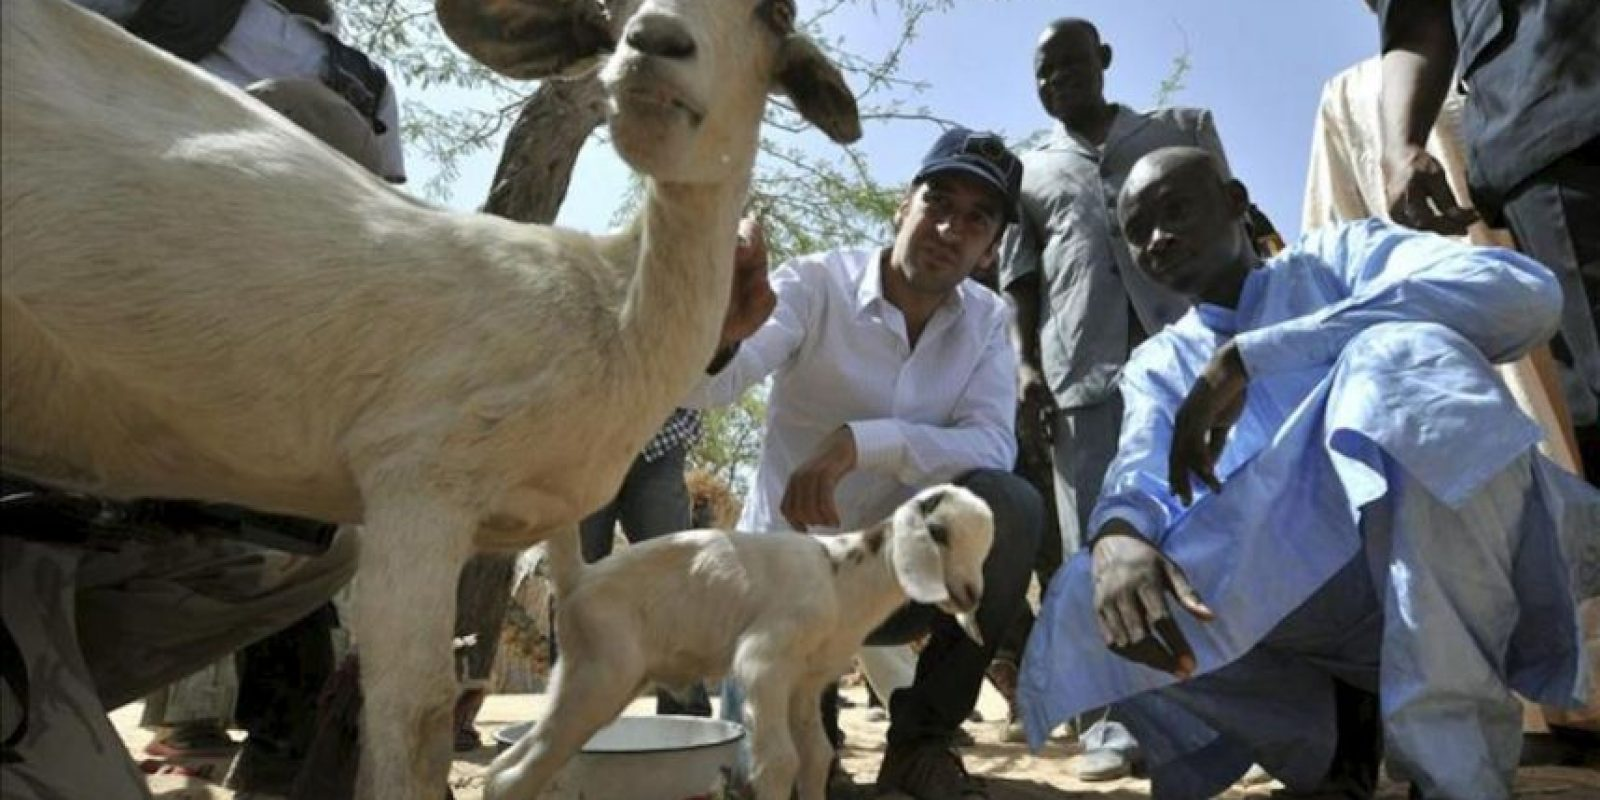 Fotografía facilitada por FAO que muestra al futbolista Raúl González con unos pastores de cabras en su visita a Chad como embajador de buena voluntad de la Organización de las Naciones Unidas para la Alimentación y la Agricultura (FAO). EFE